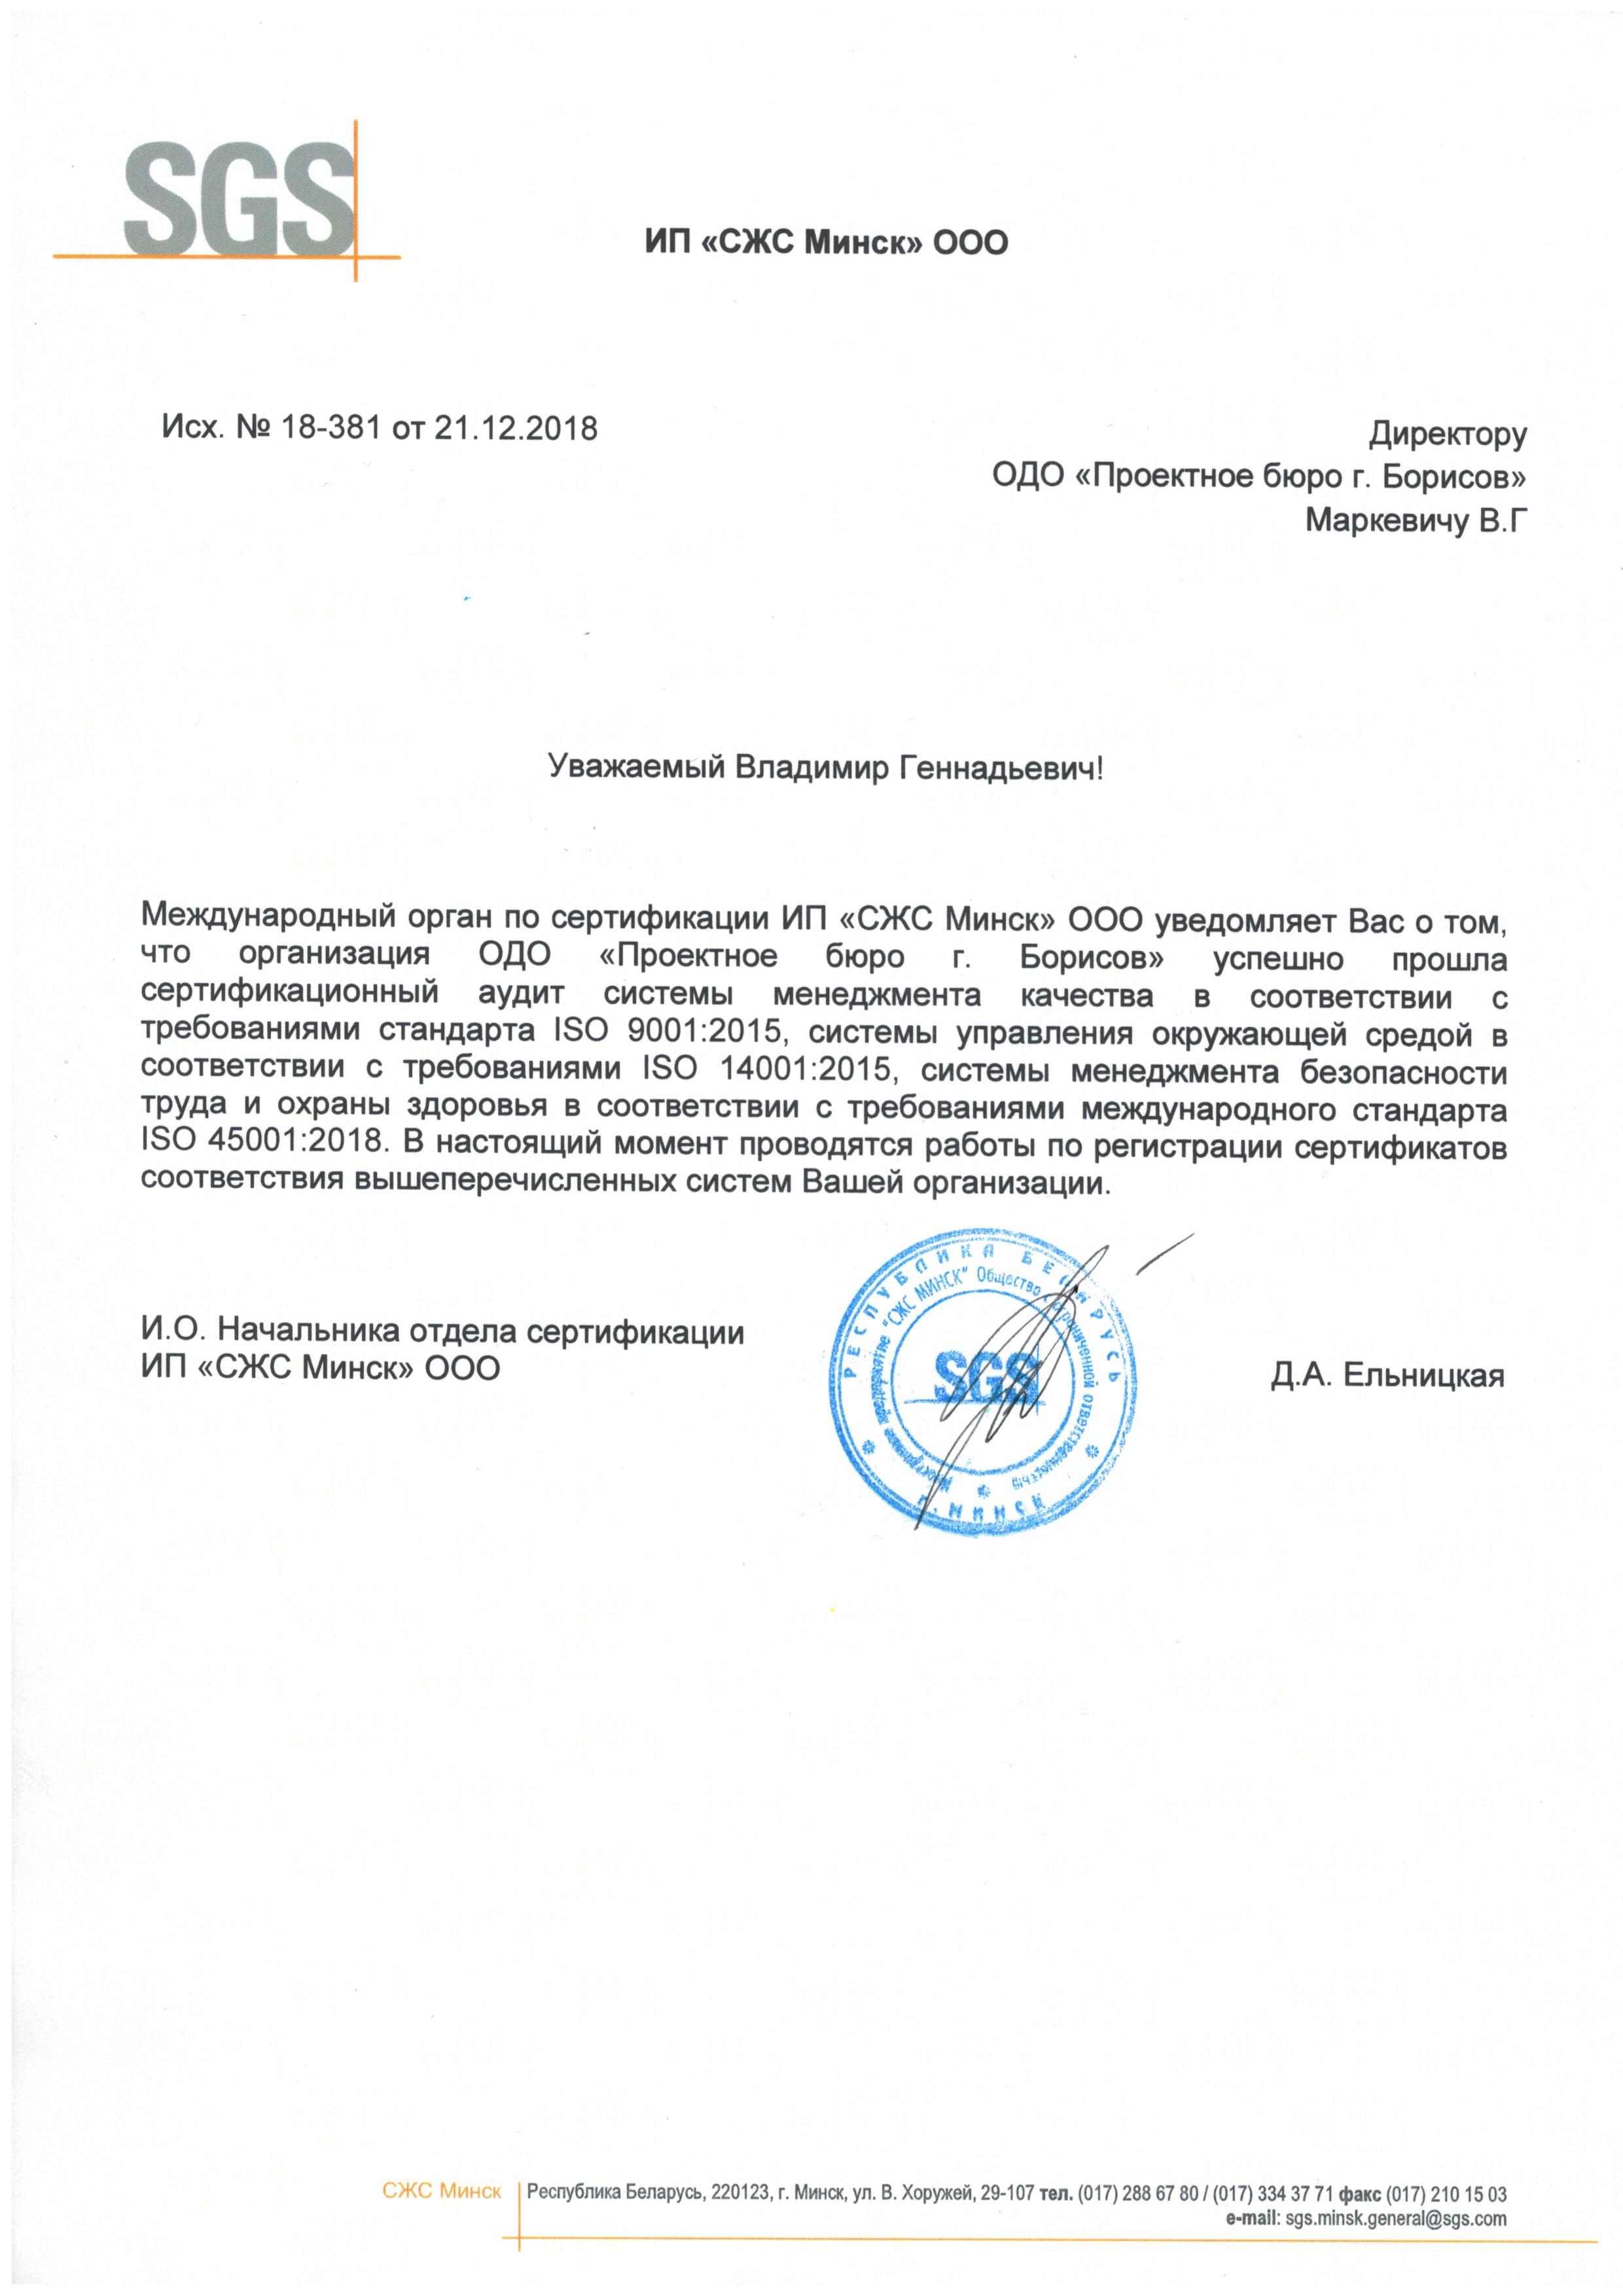 Письмо от SGS